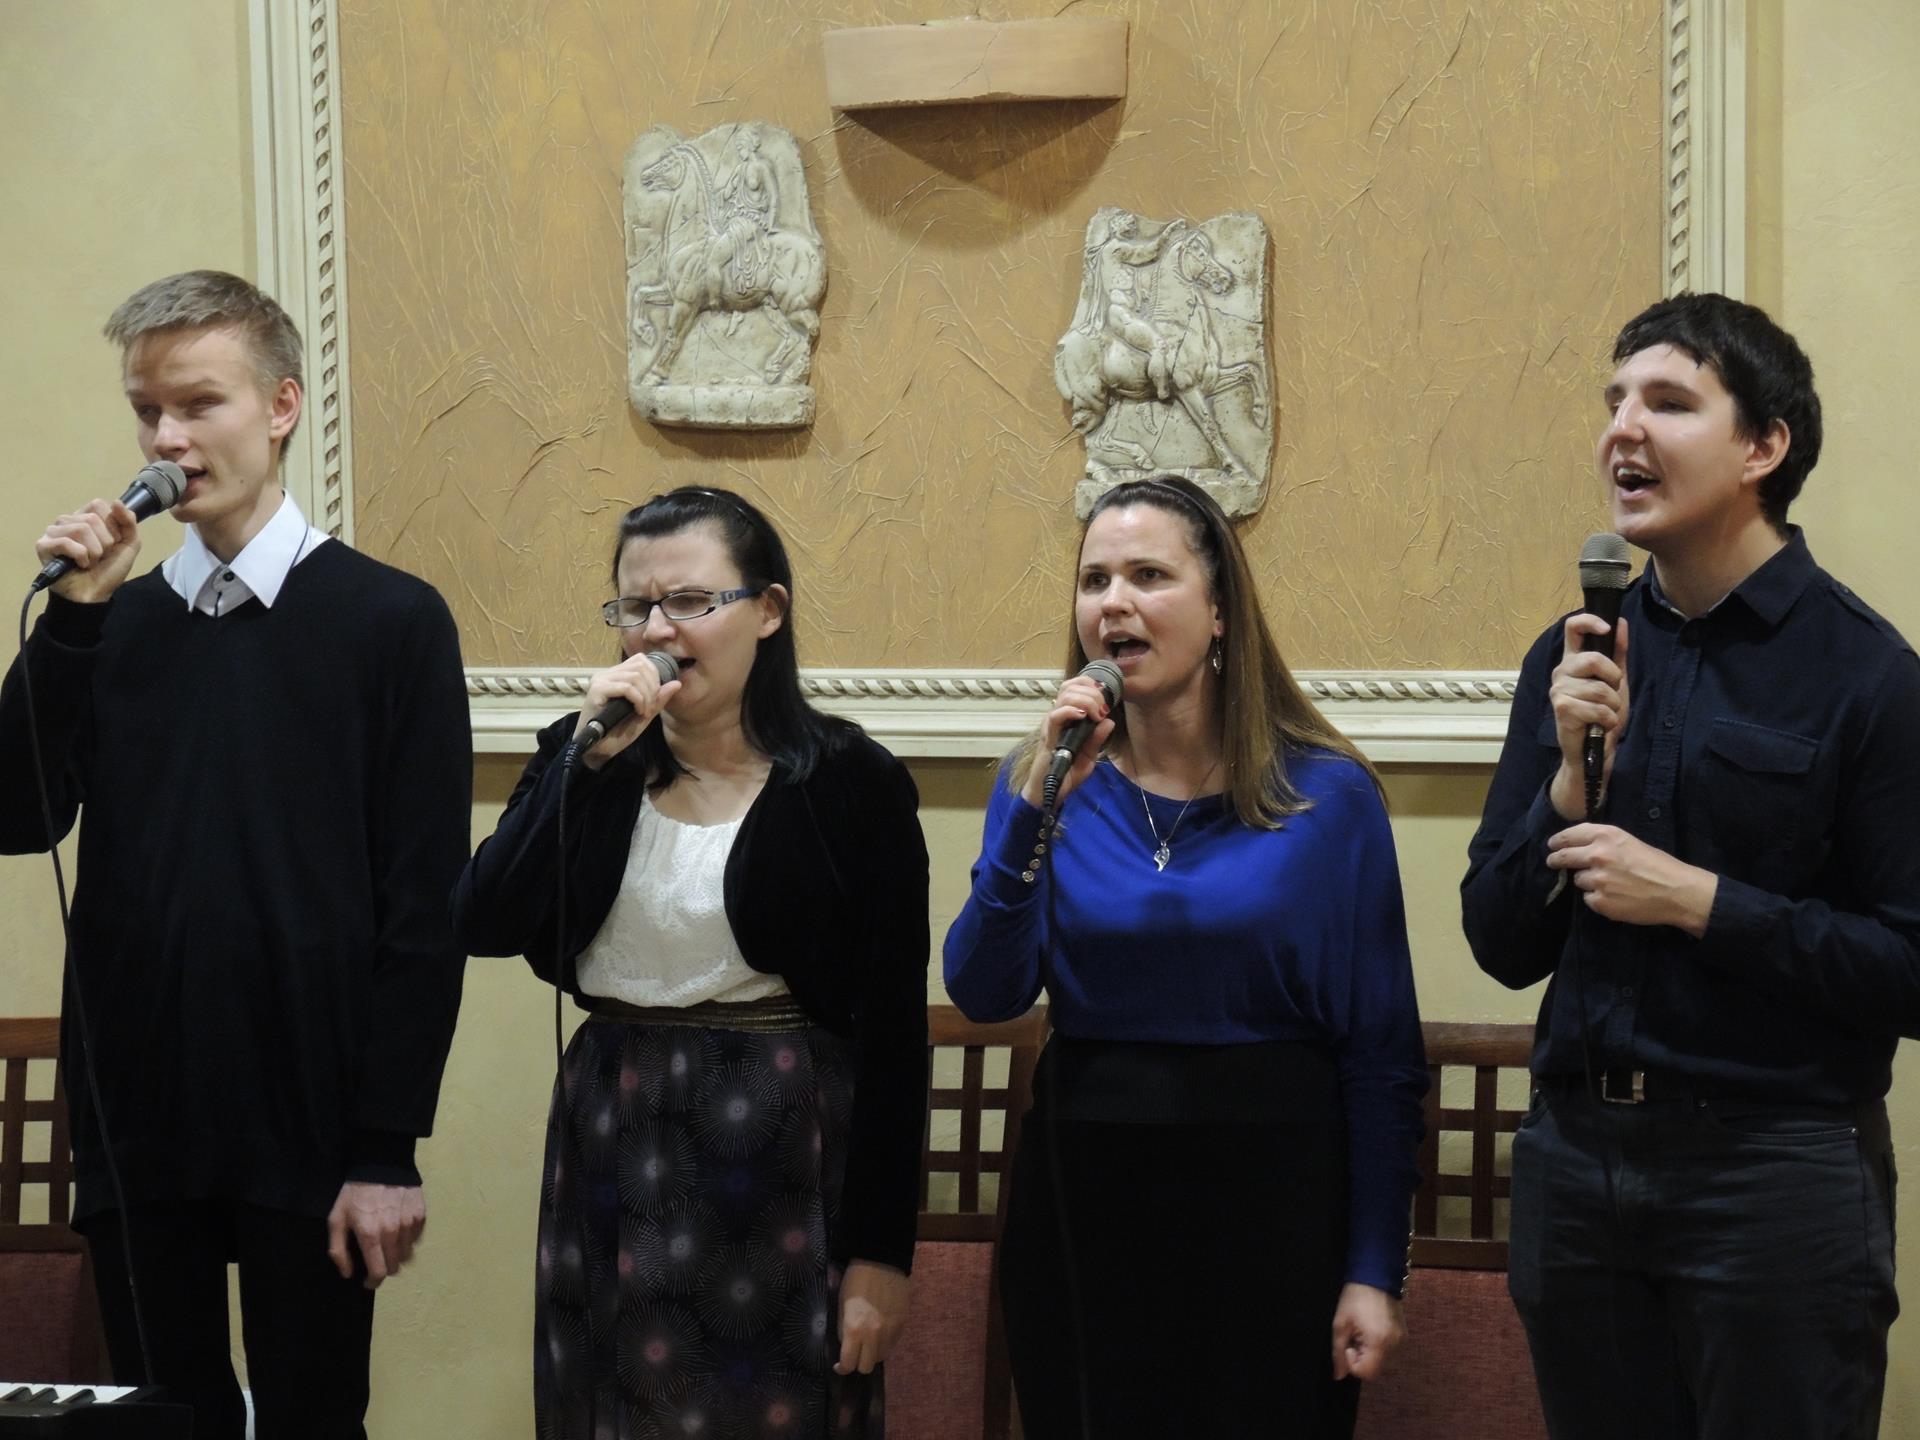 Wszyscy (dwóch mężczyzn, dwie kobiety) stoją, śpiewają. Na ścianie, na tle której stoją, wisi obraz.